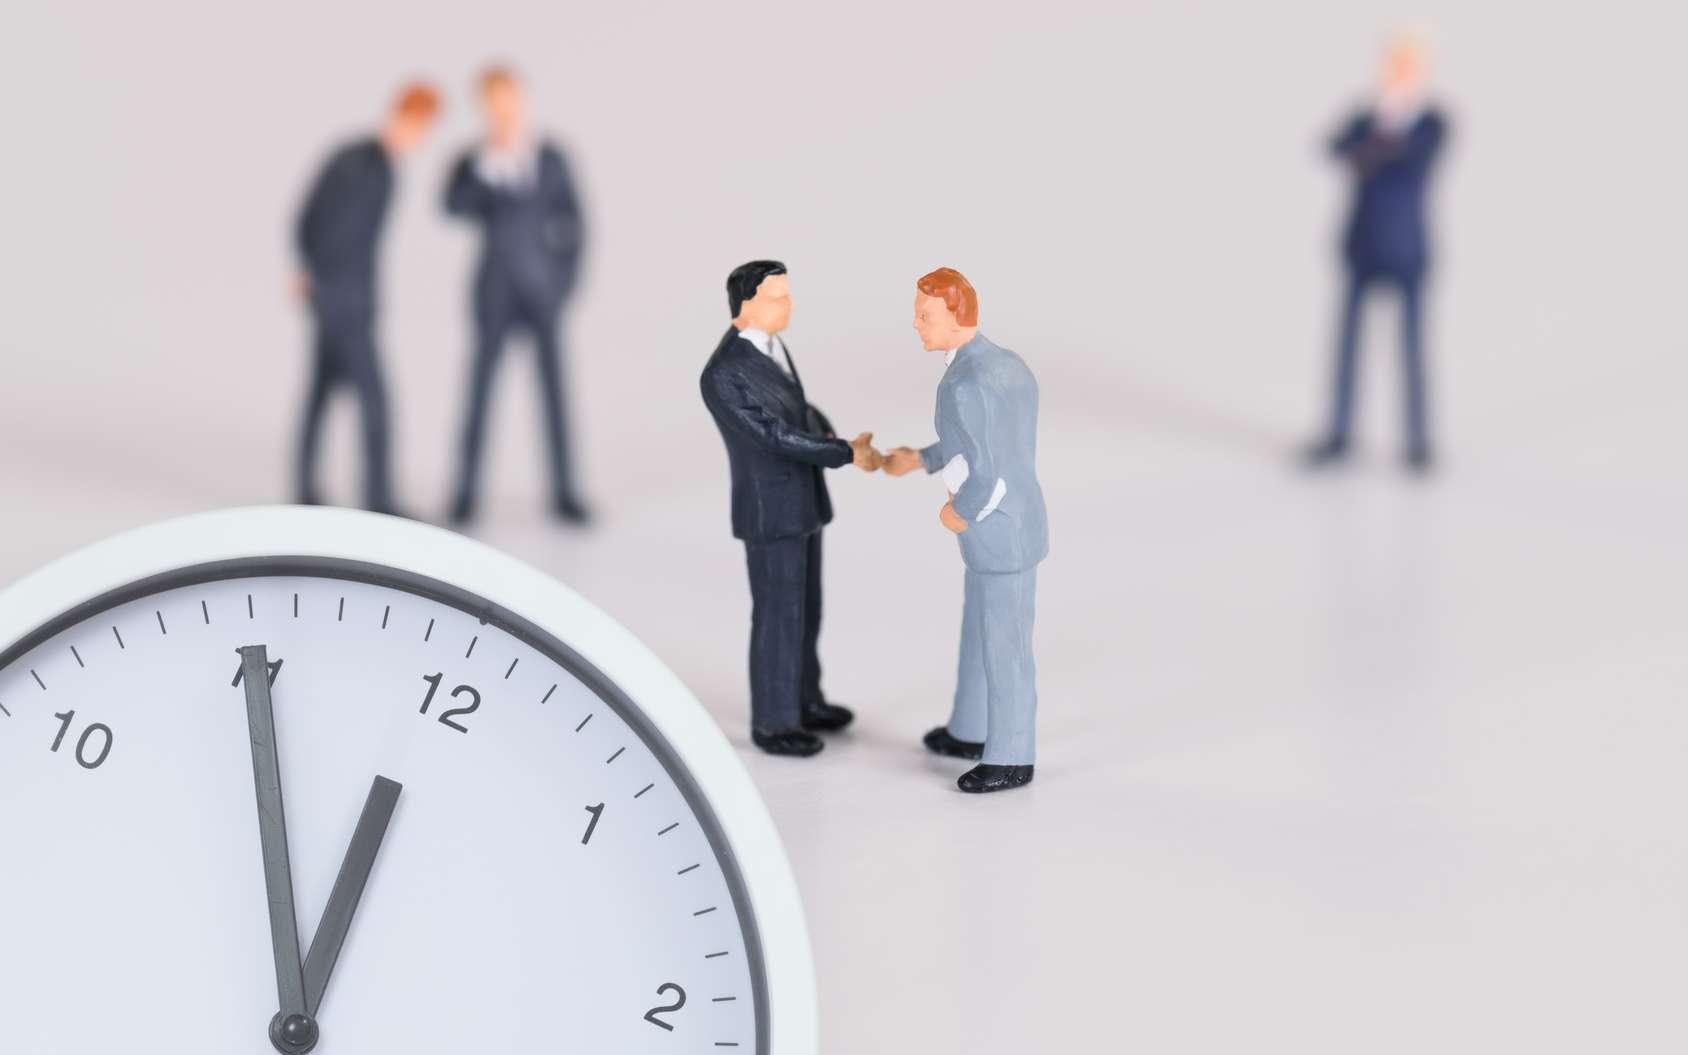 Le portage salarial est un lien tripartite entre le « porté », l'entreprise de portage salarial et le(s) client(s) du « porté ». © Frittipix, Fotolia